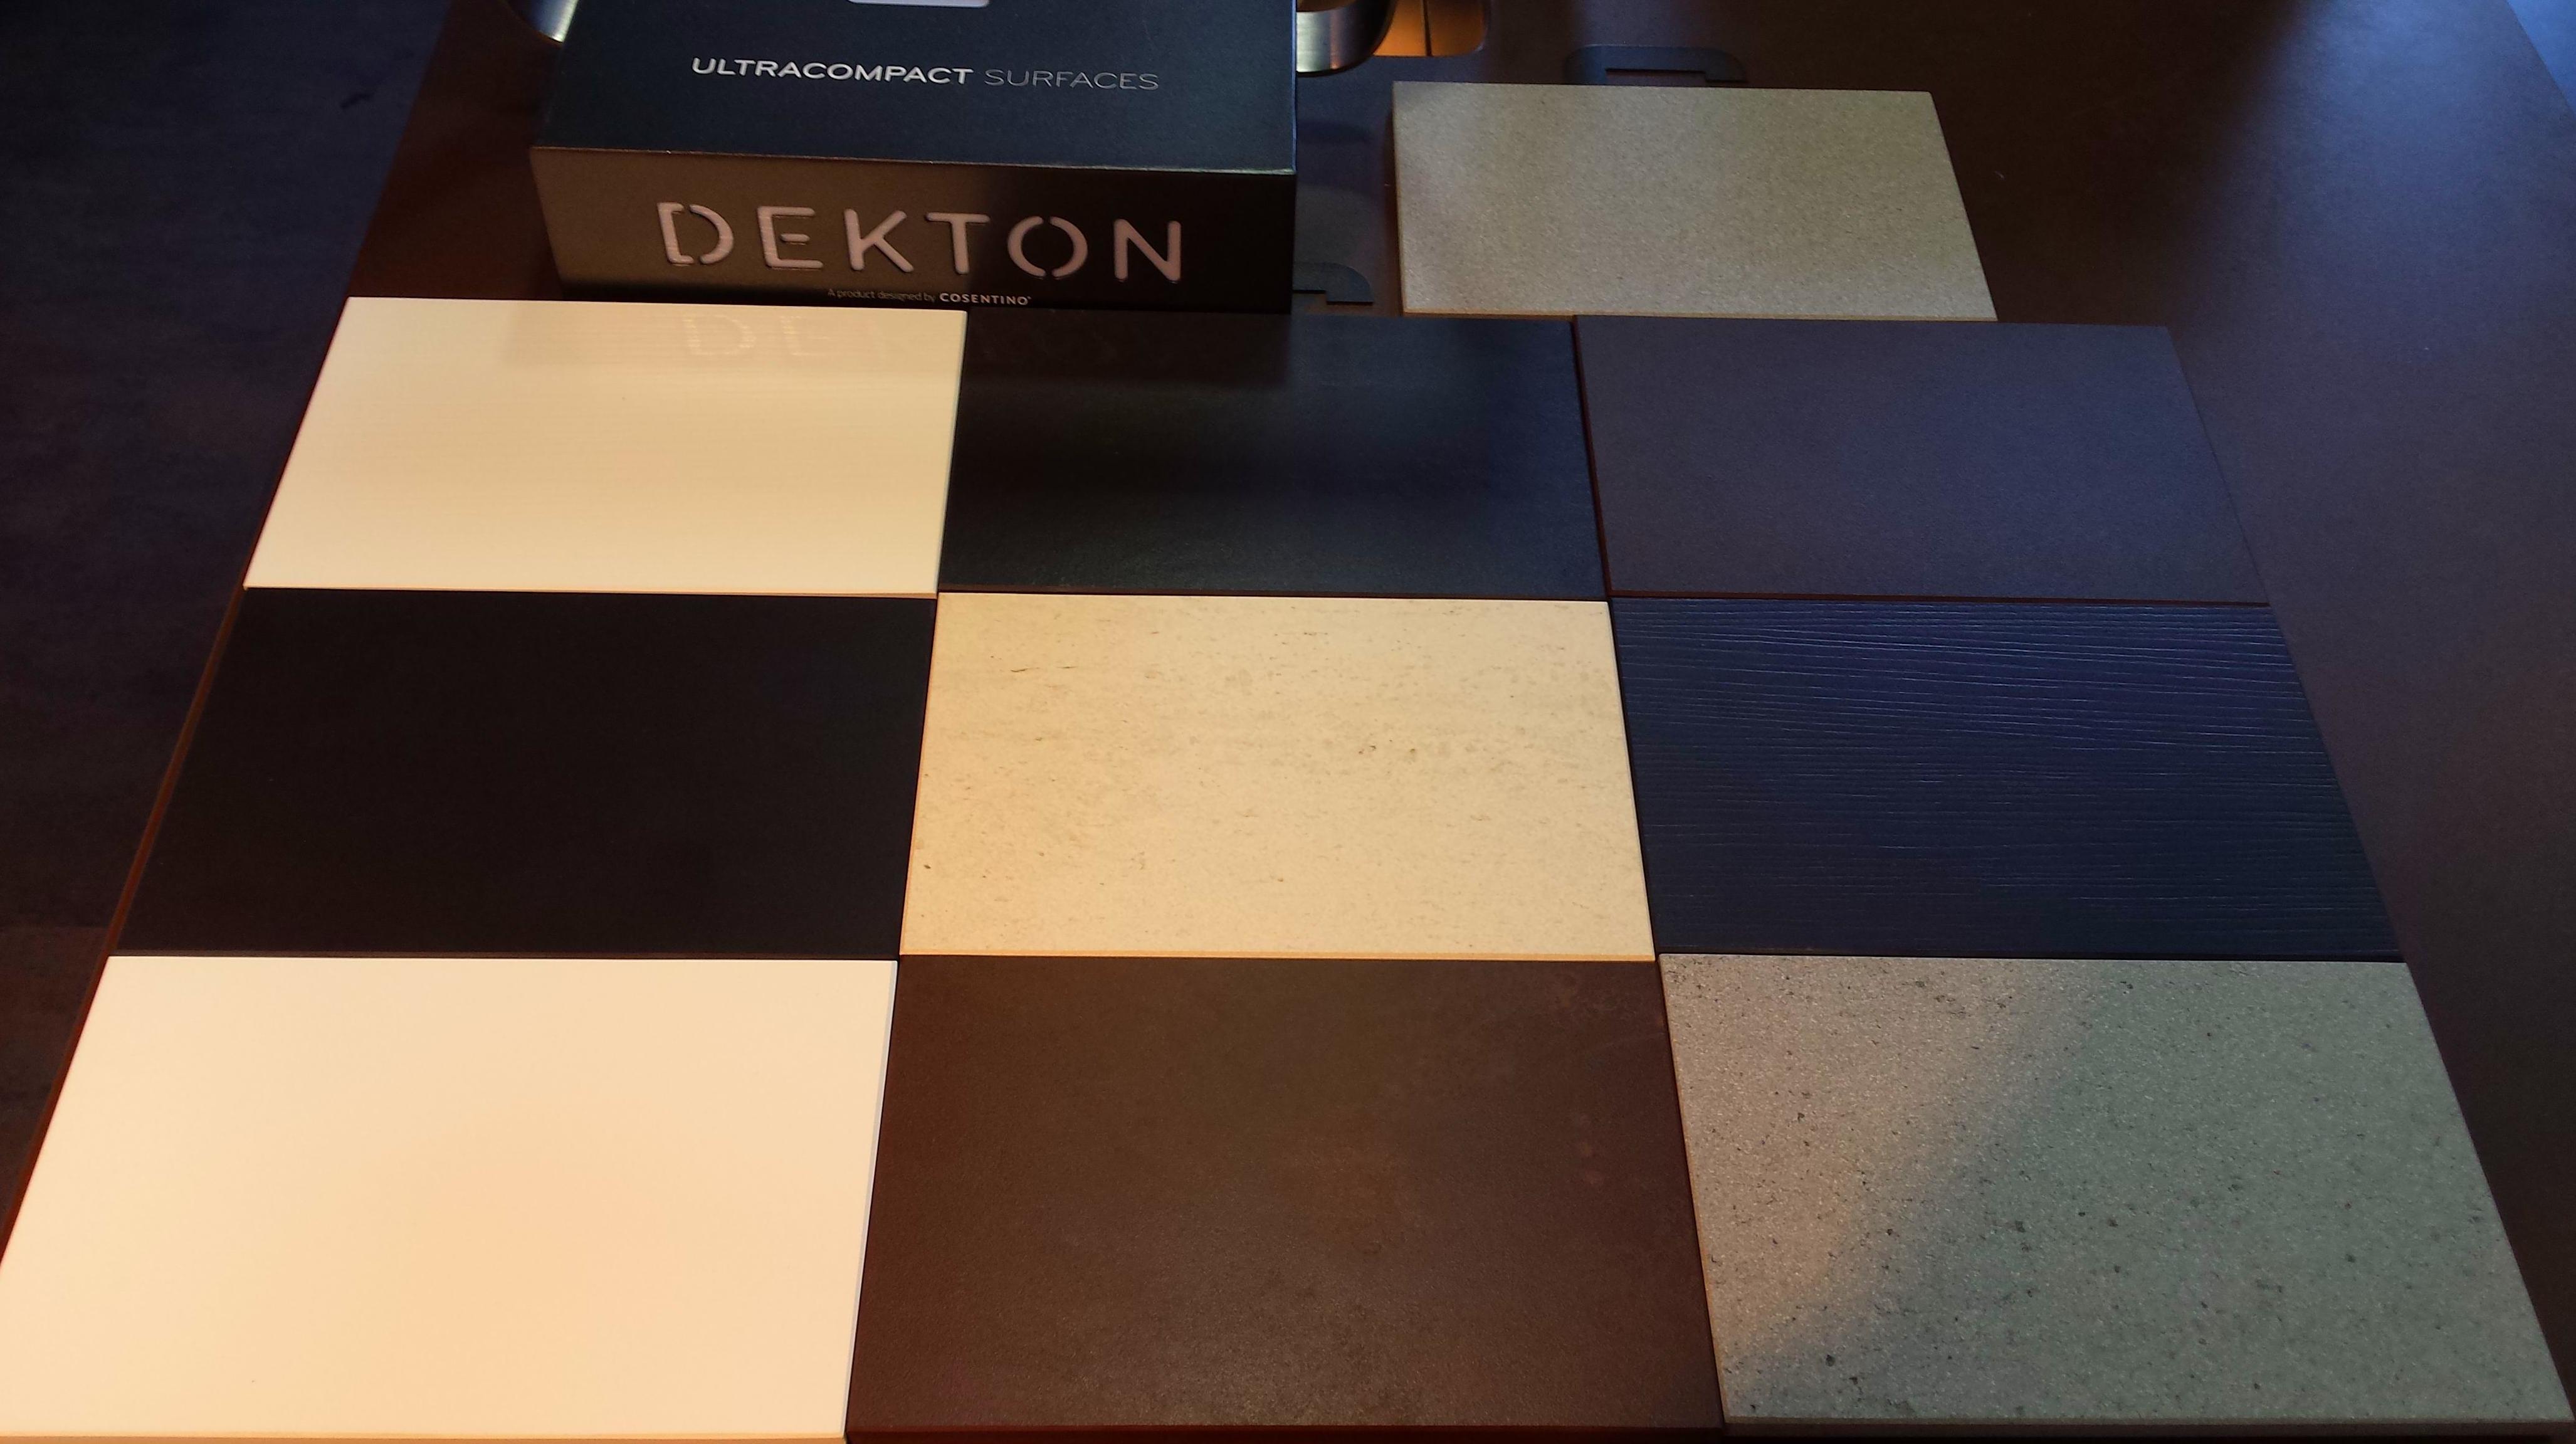 DEKTON by Cosentino